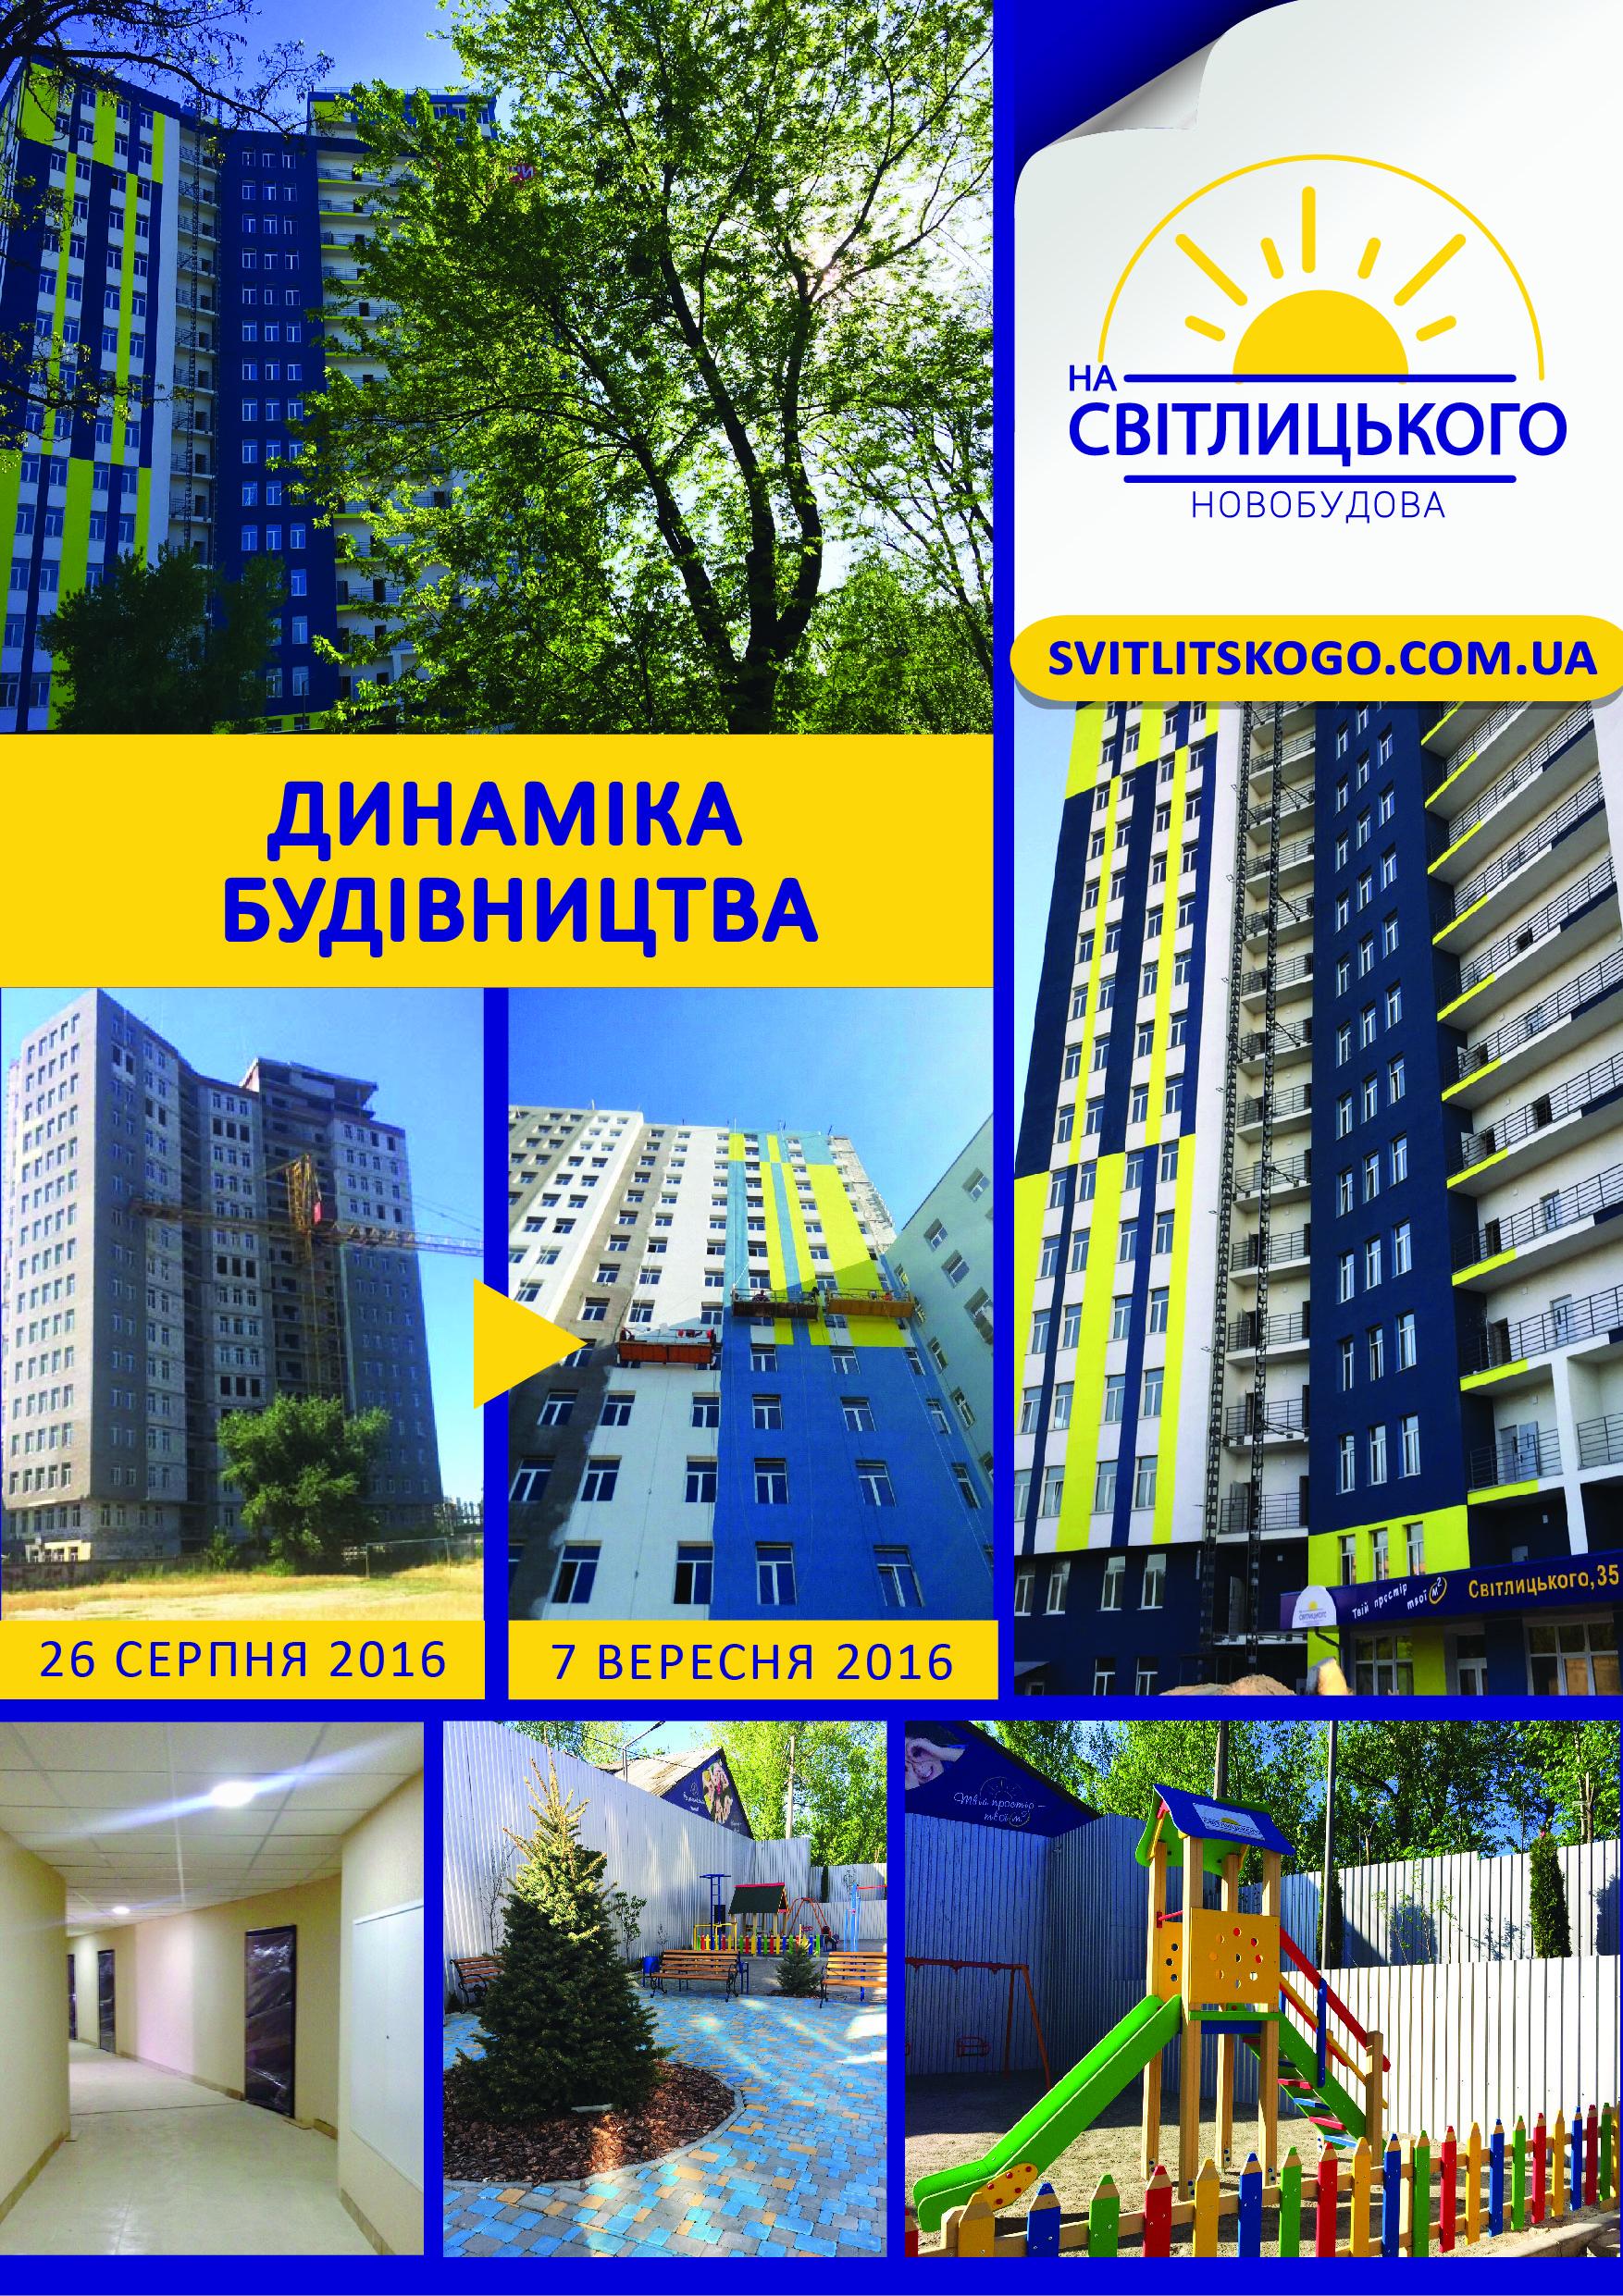 9 месяцев спустя: динамика строительства ЖК «На Светлицкого, 35»